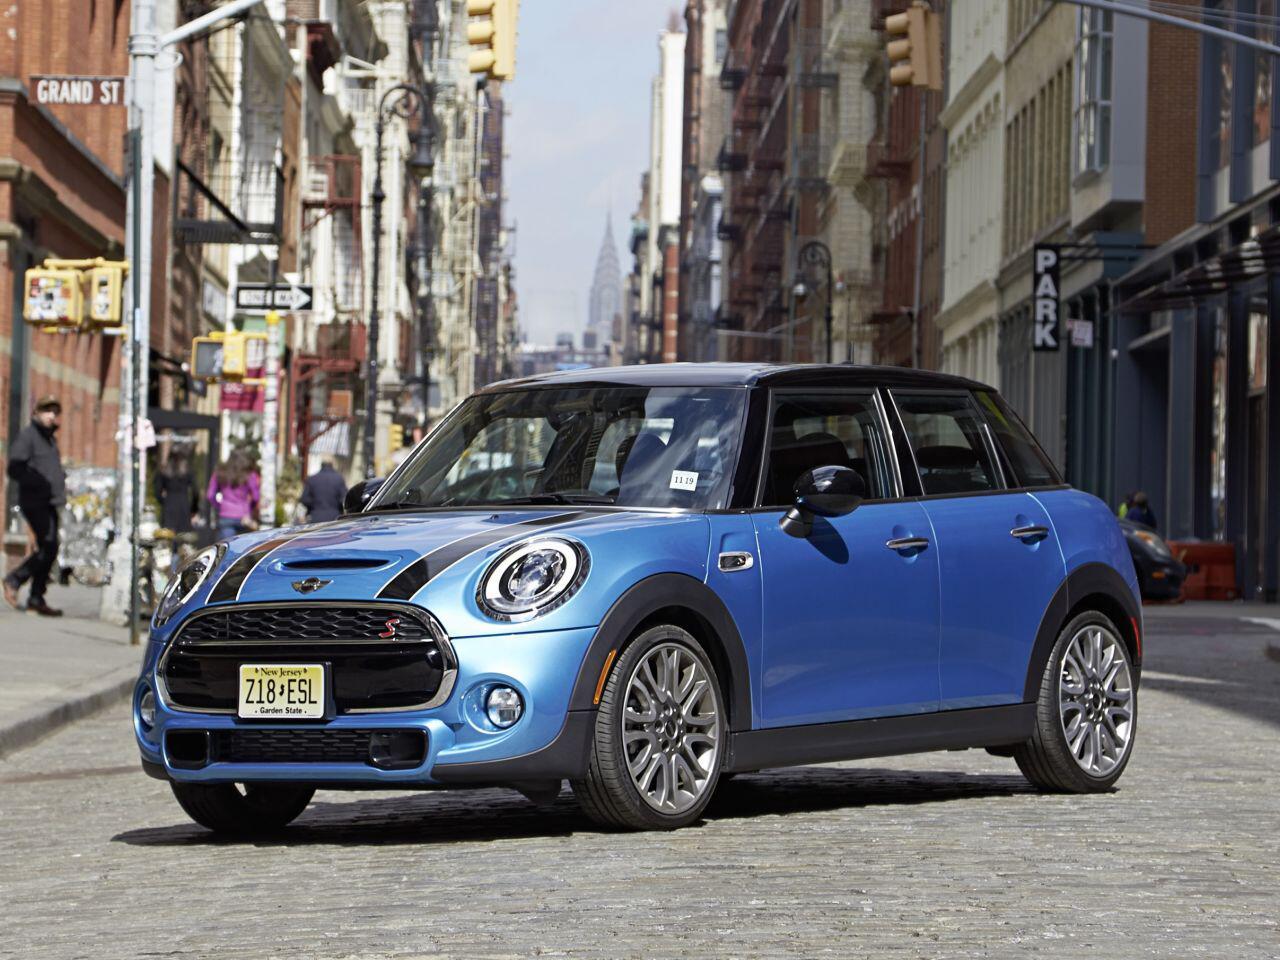 Bild zu Platz 1 Kleinwagen: Mini